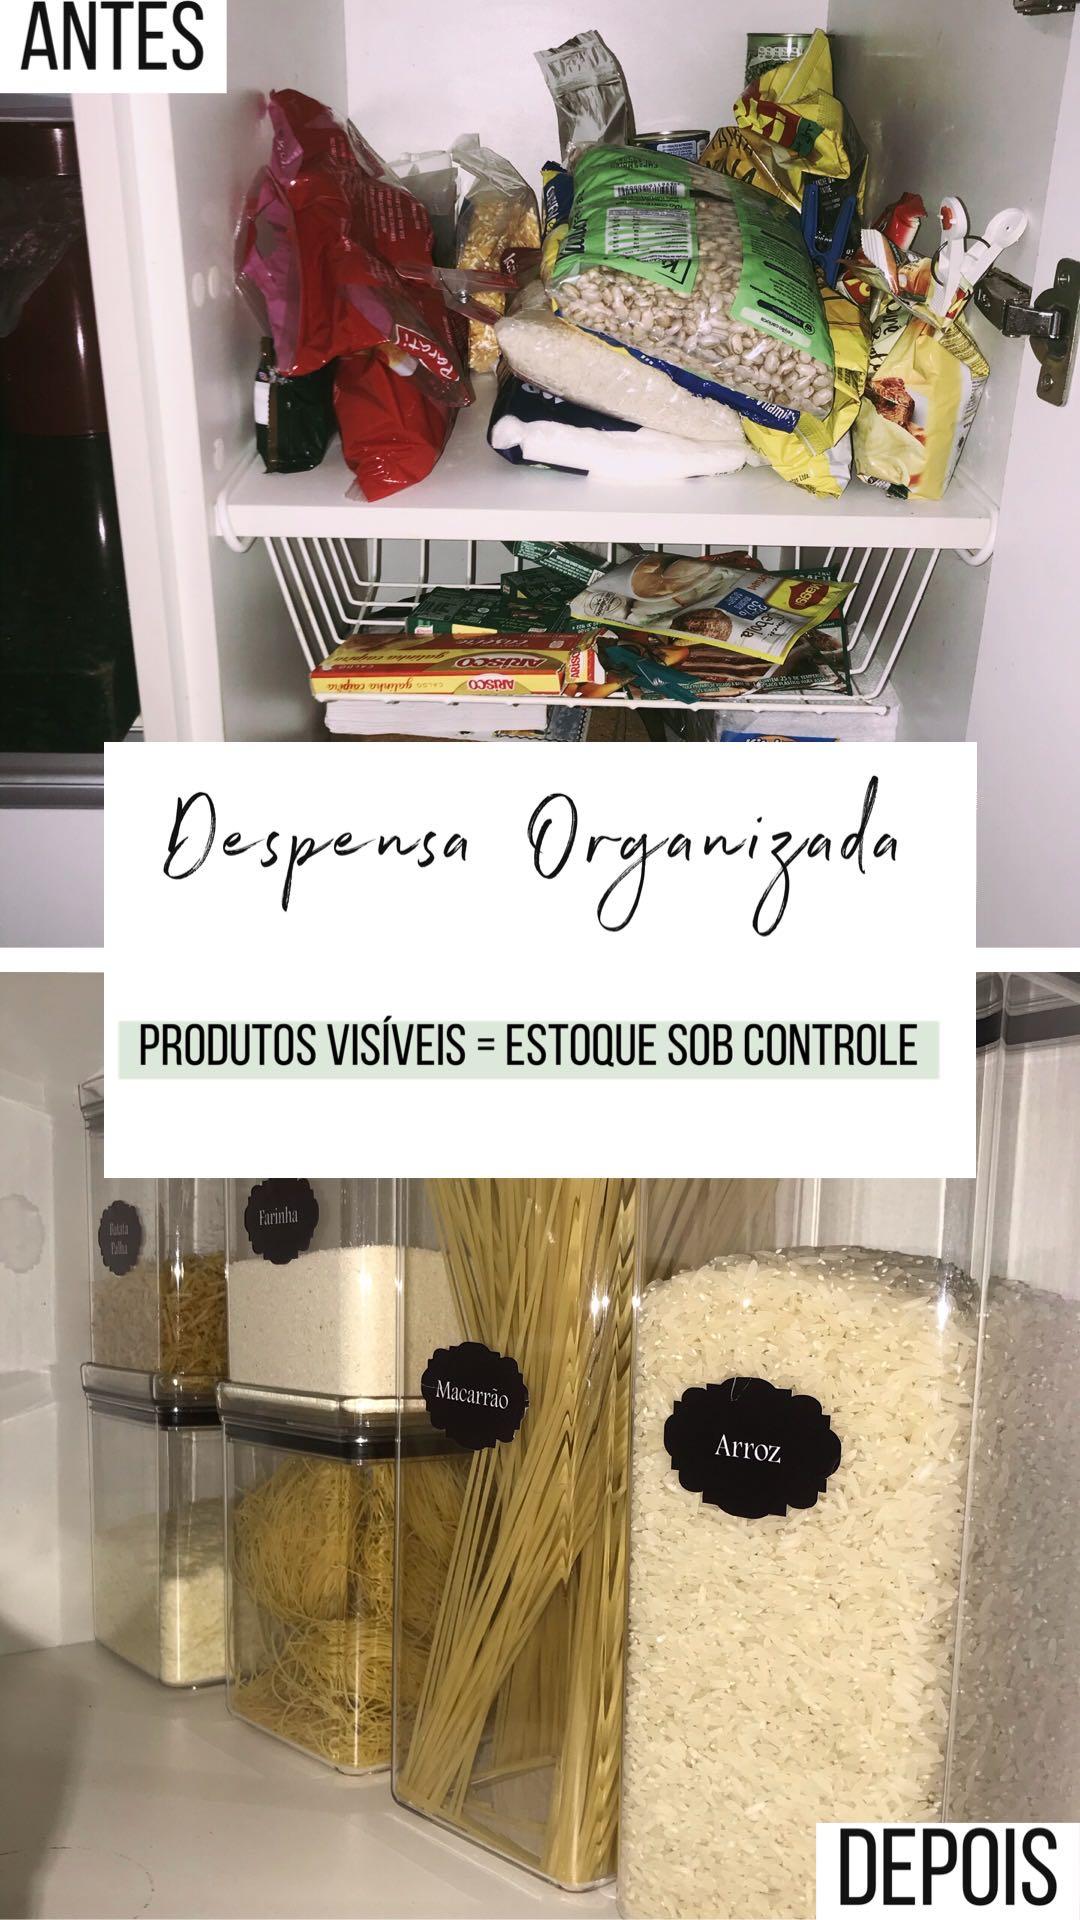 Despensa organizada